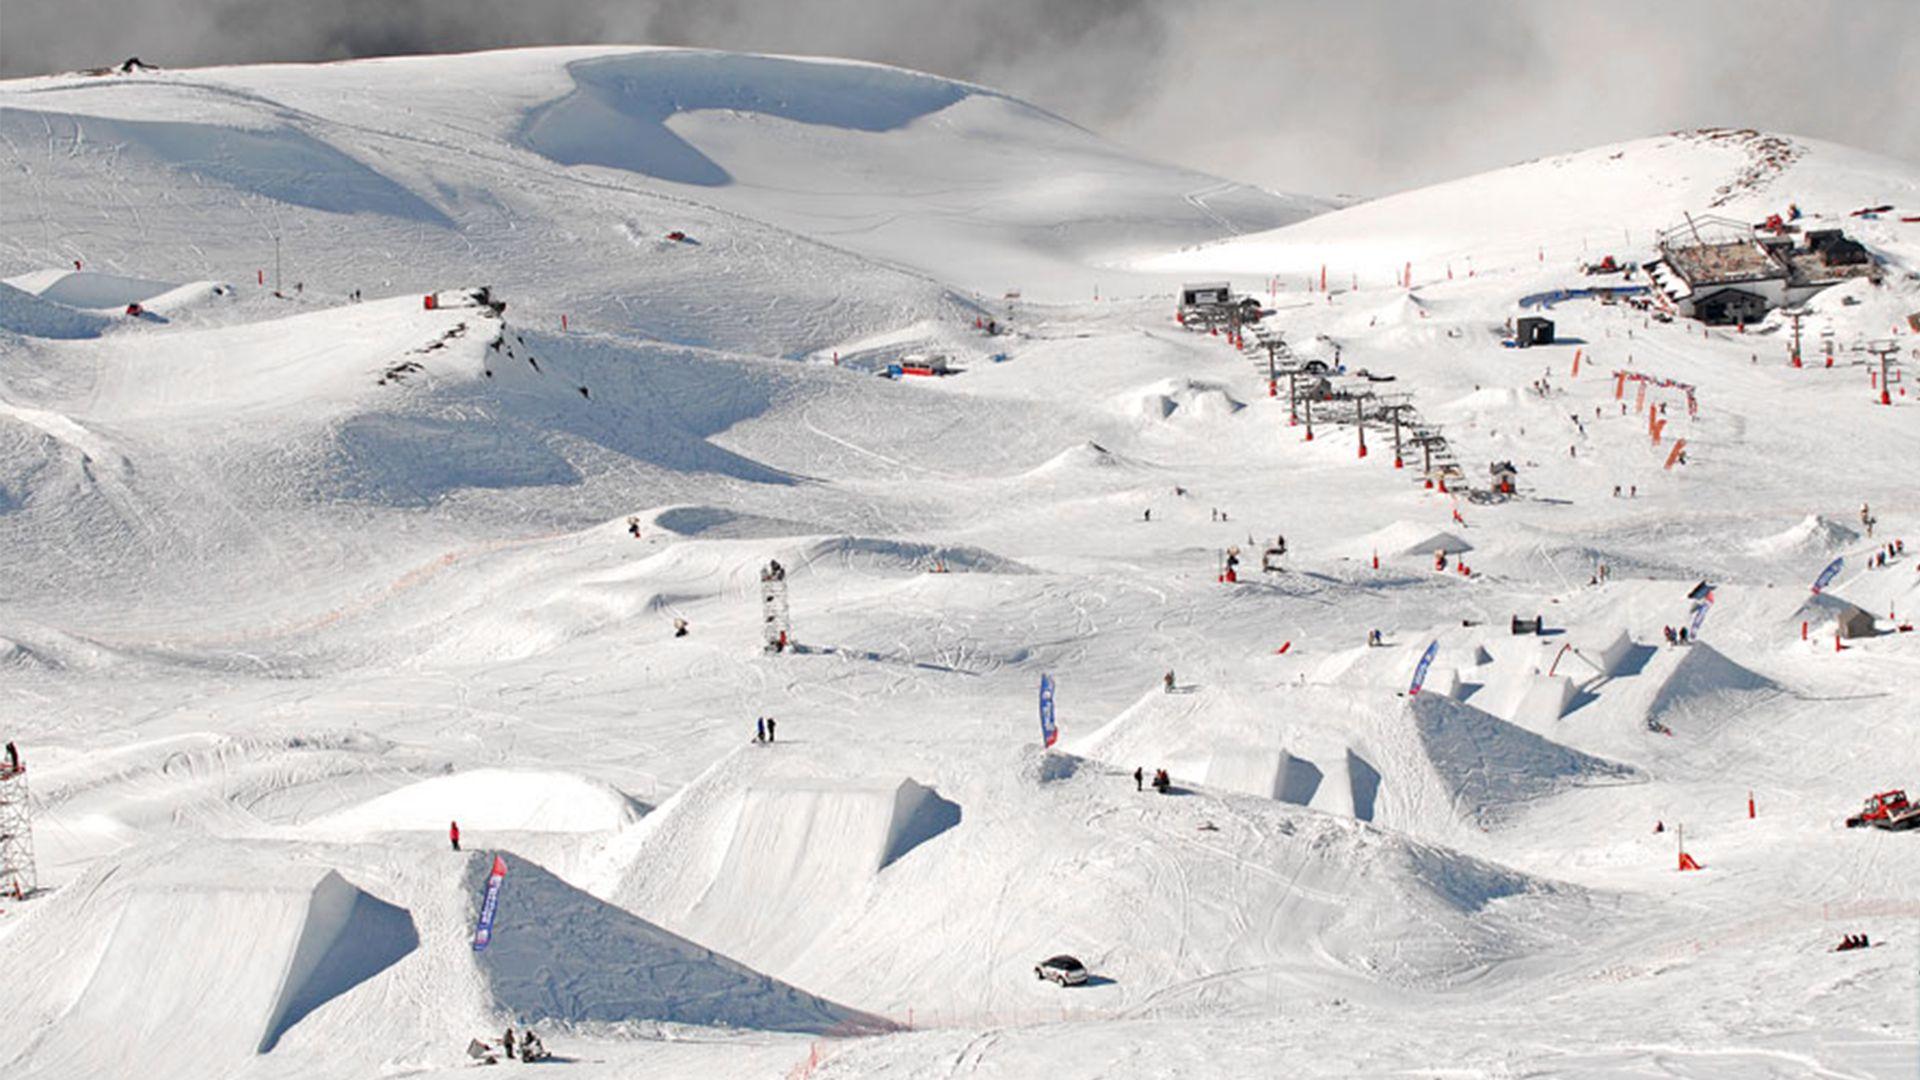 Лыжники на трассе в Сьерра Неваде